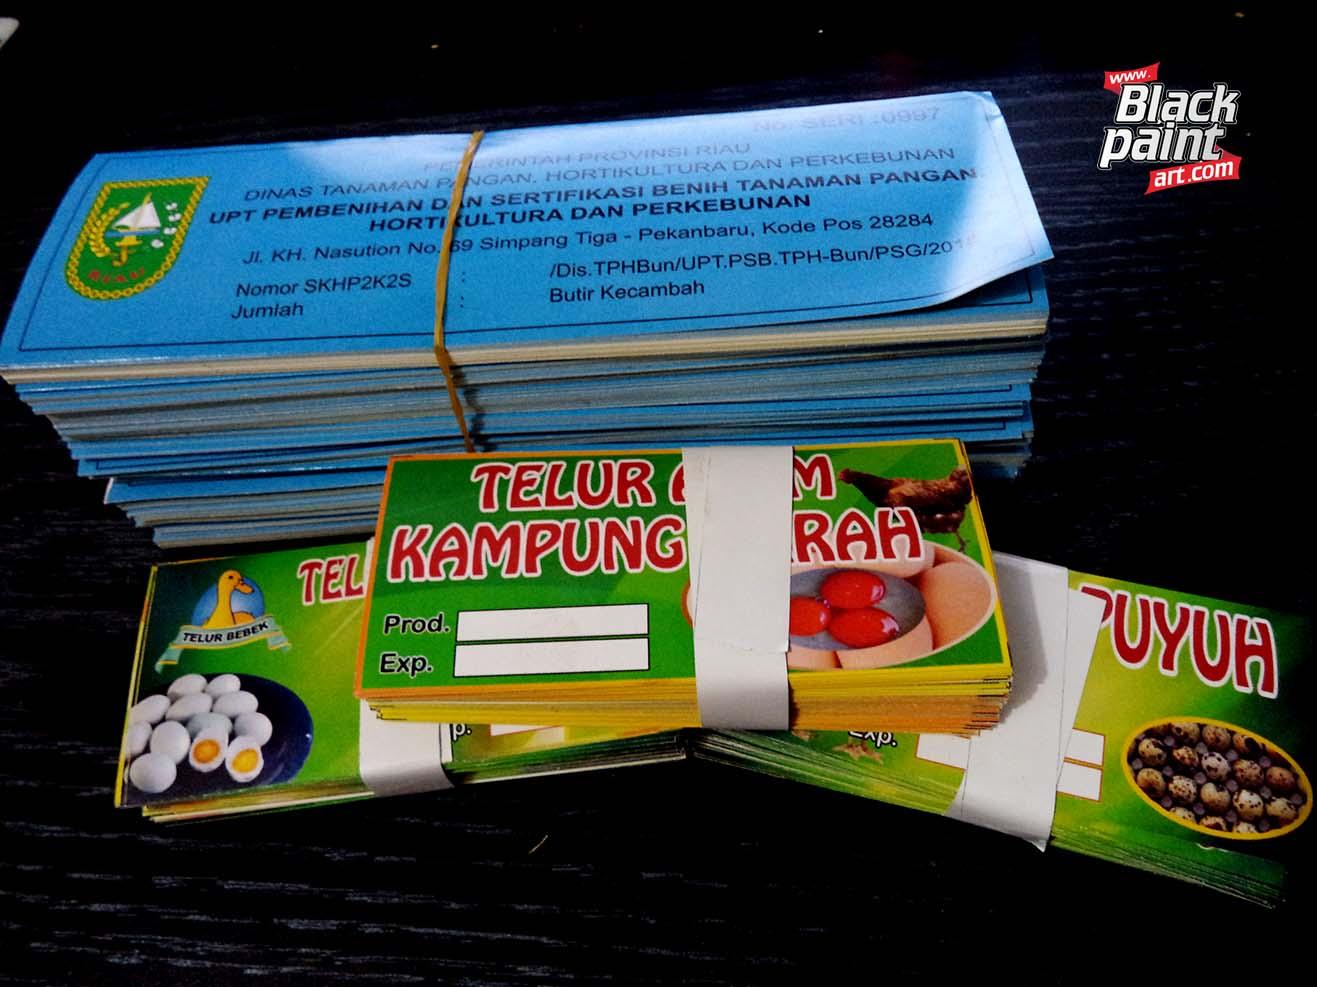 210 sticker Pekanbaru.jpg